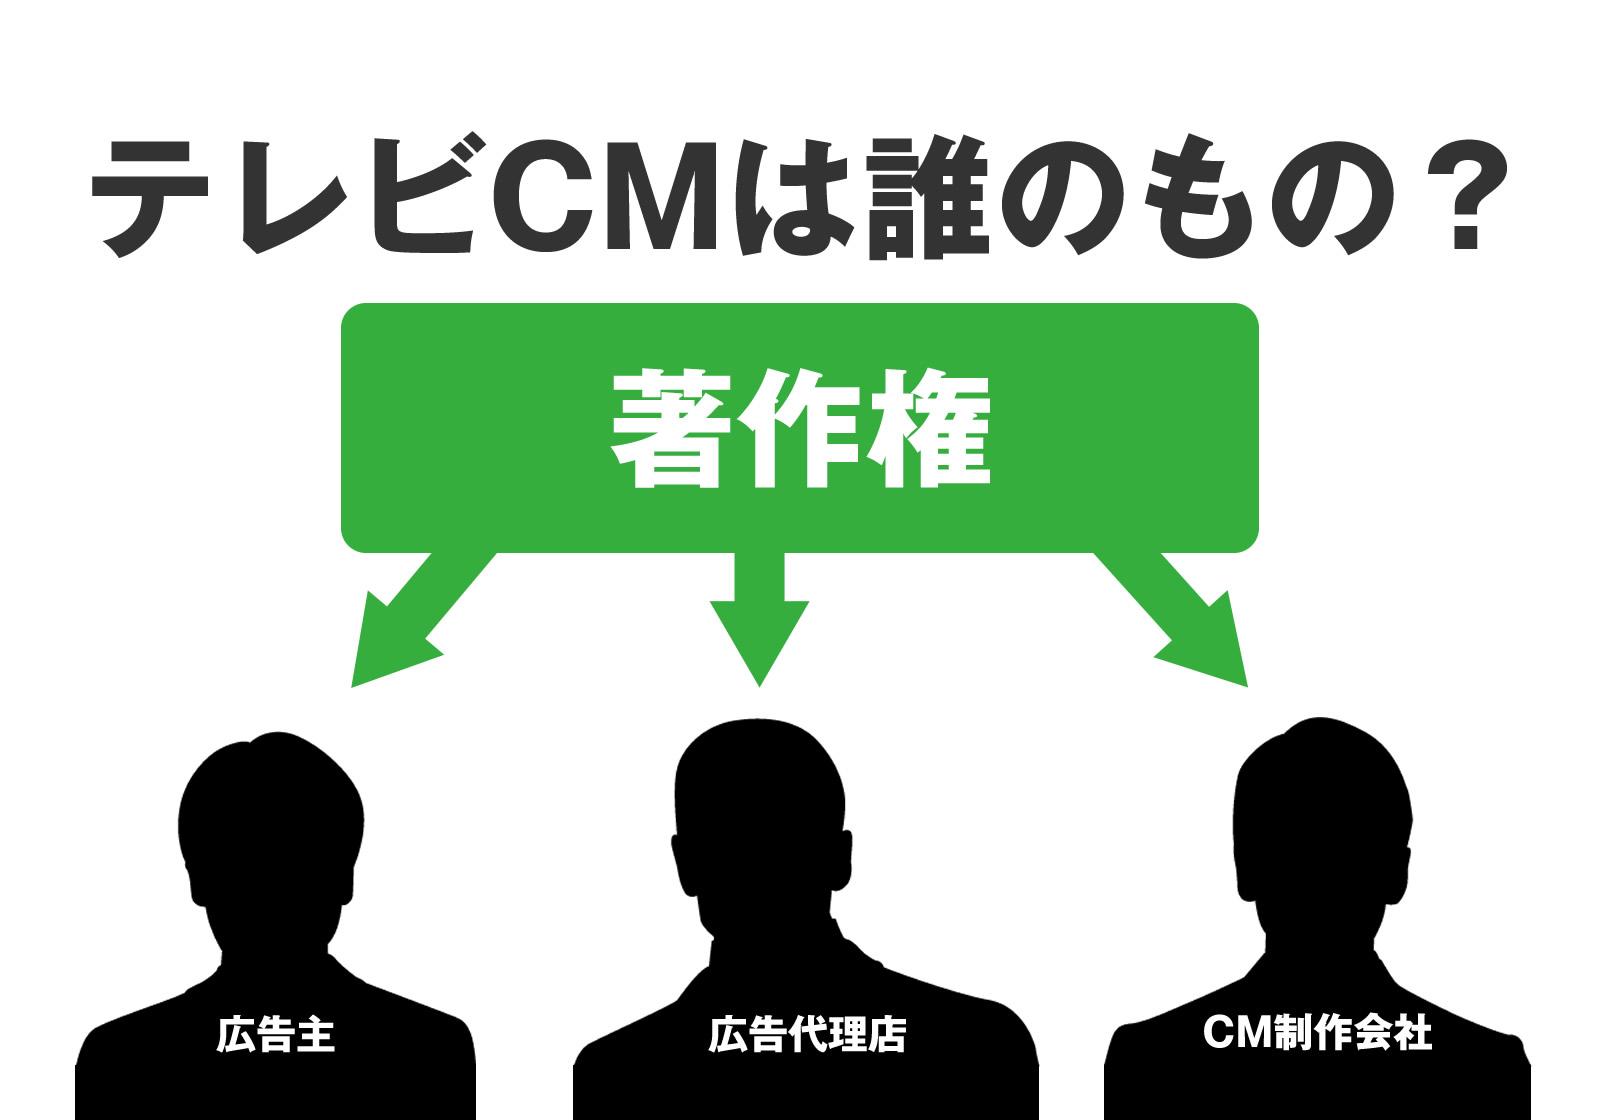 【著:HIRONO】テレビCMは誰のもの?CMの著作権はどこに帰属するのか